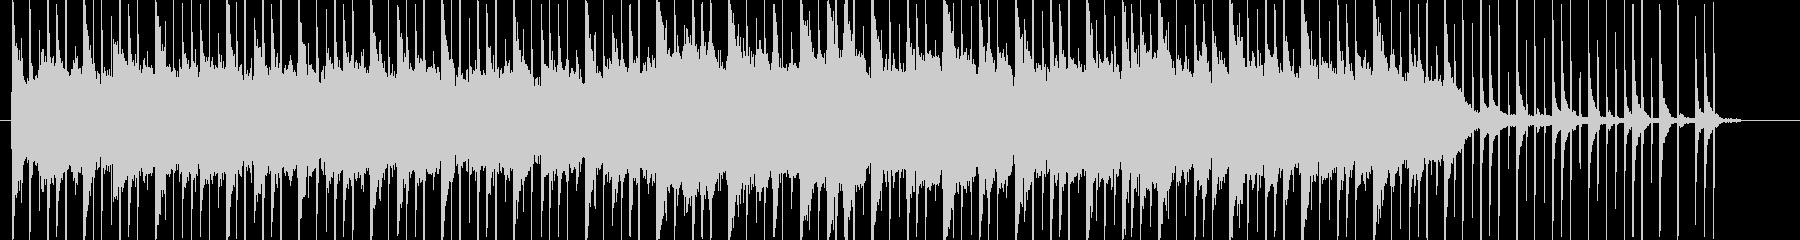 幻想的なピアノサウンドの未再生の波形